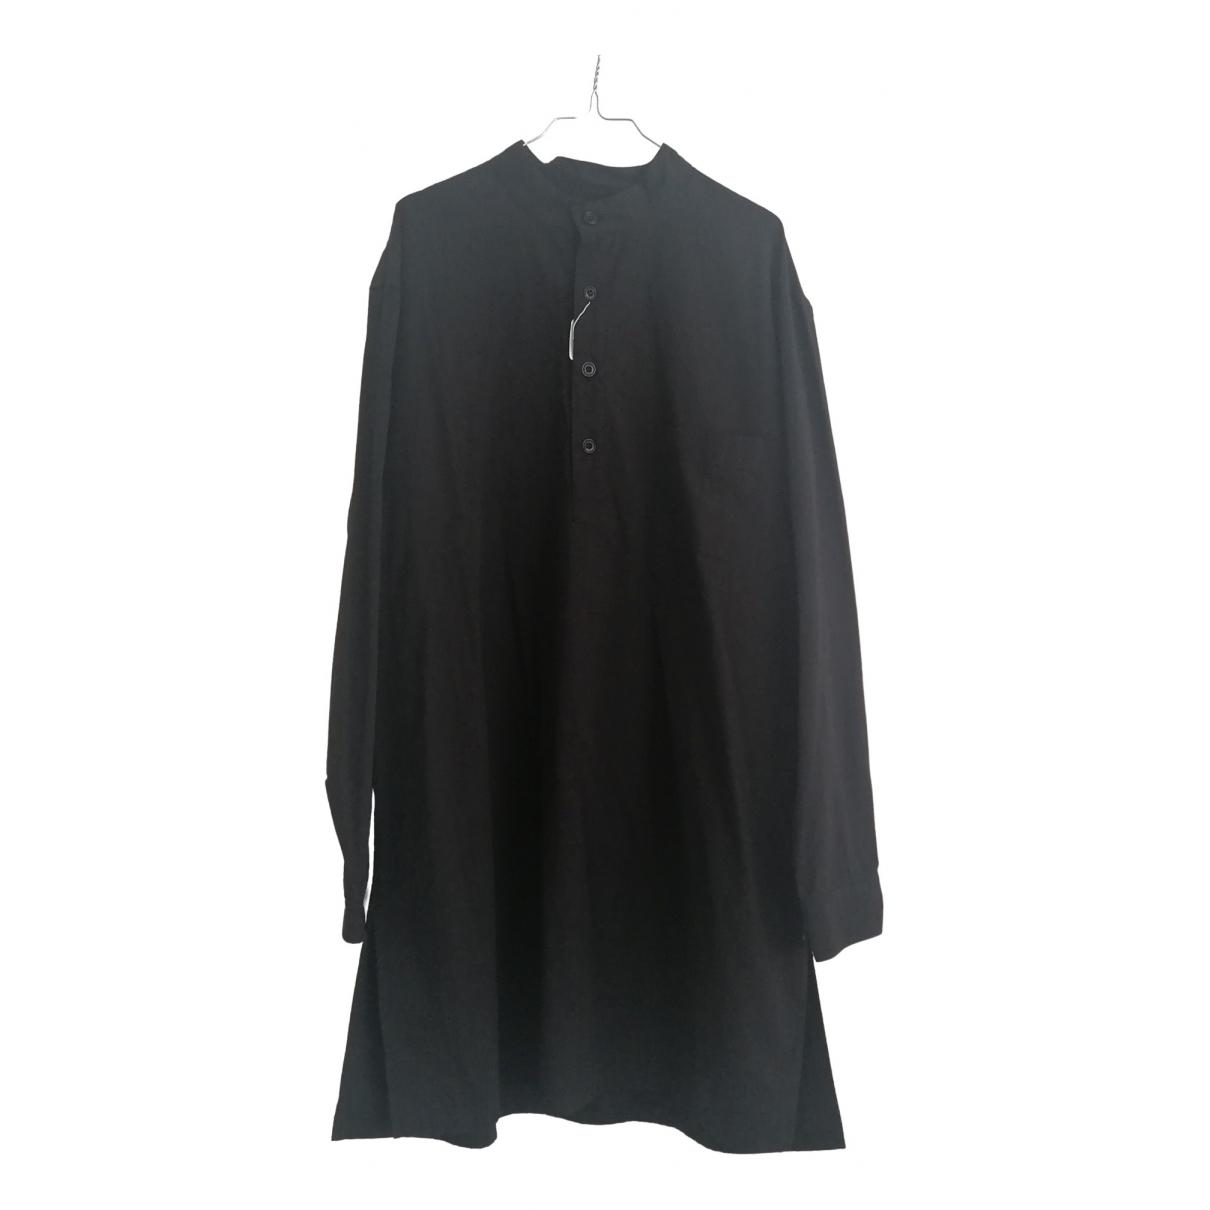 Lemaire - Chemises   pour homme en coton - anthracite